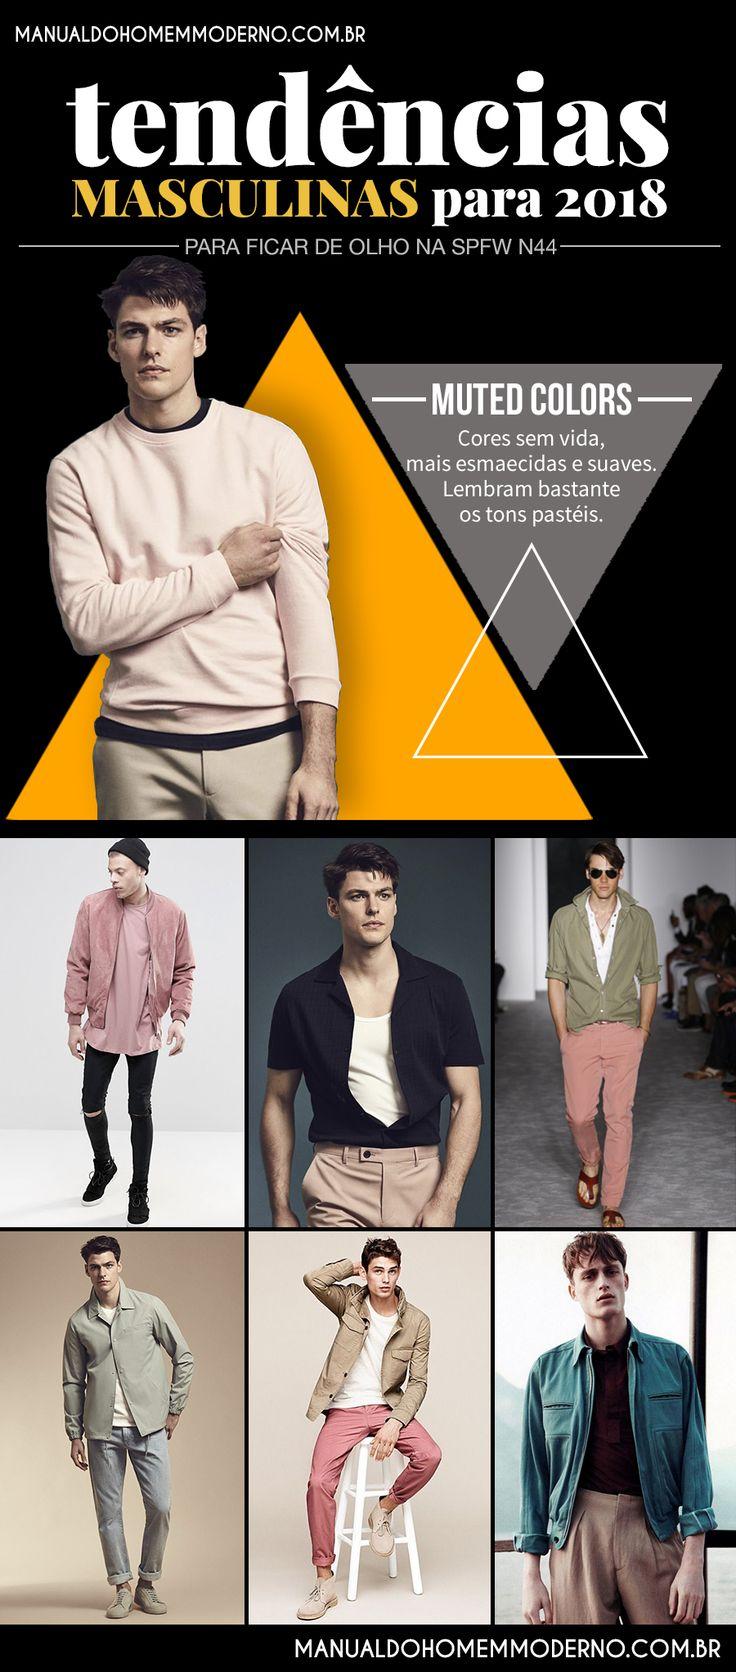 As muted colors, cores menos vivas e chamativas, prometem ser uma tendência masculina em 2018.